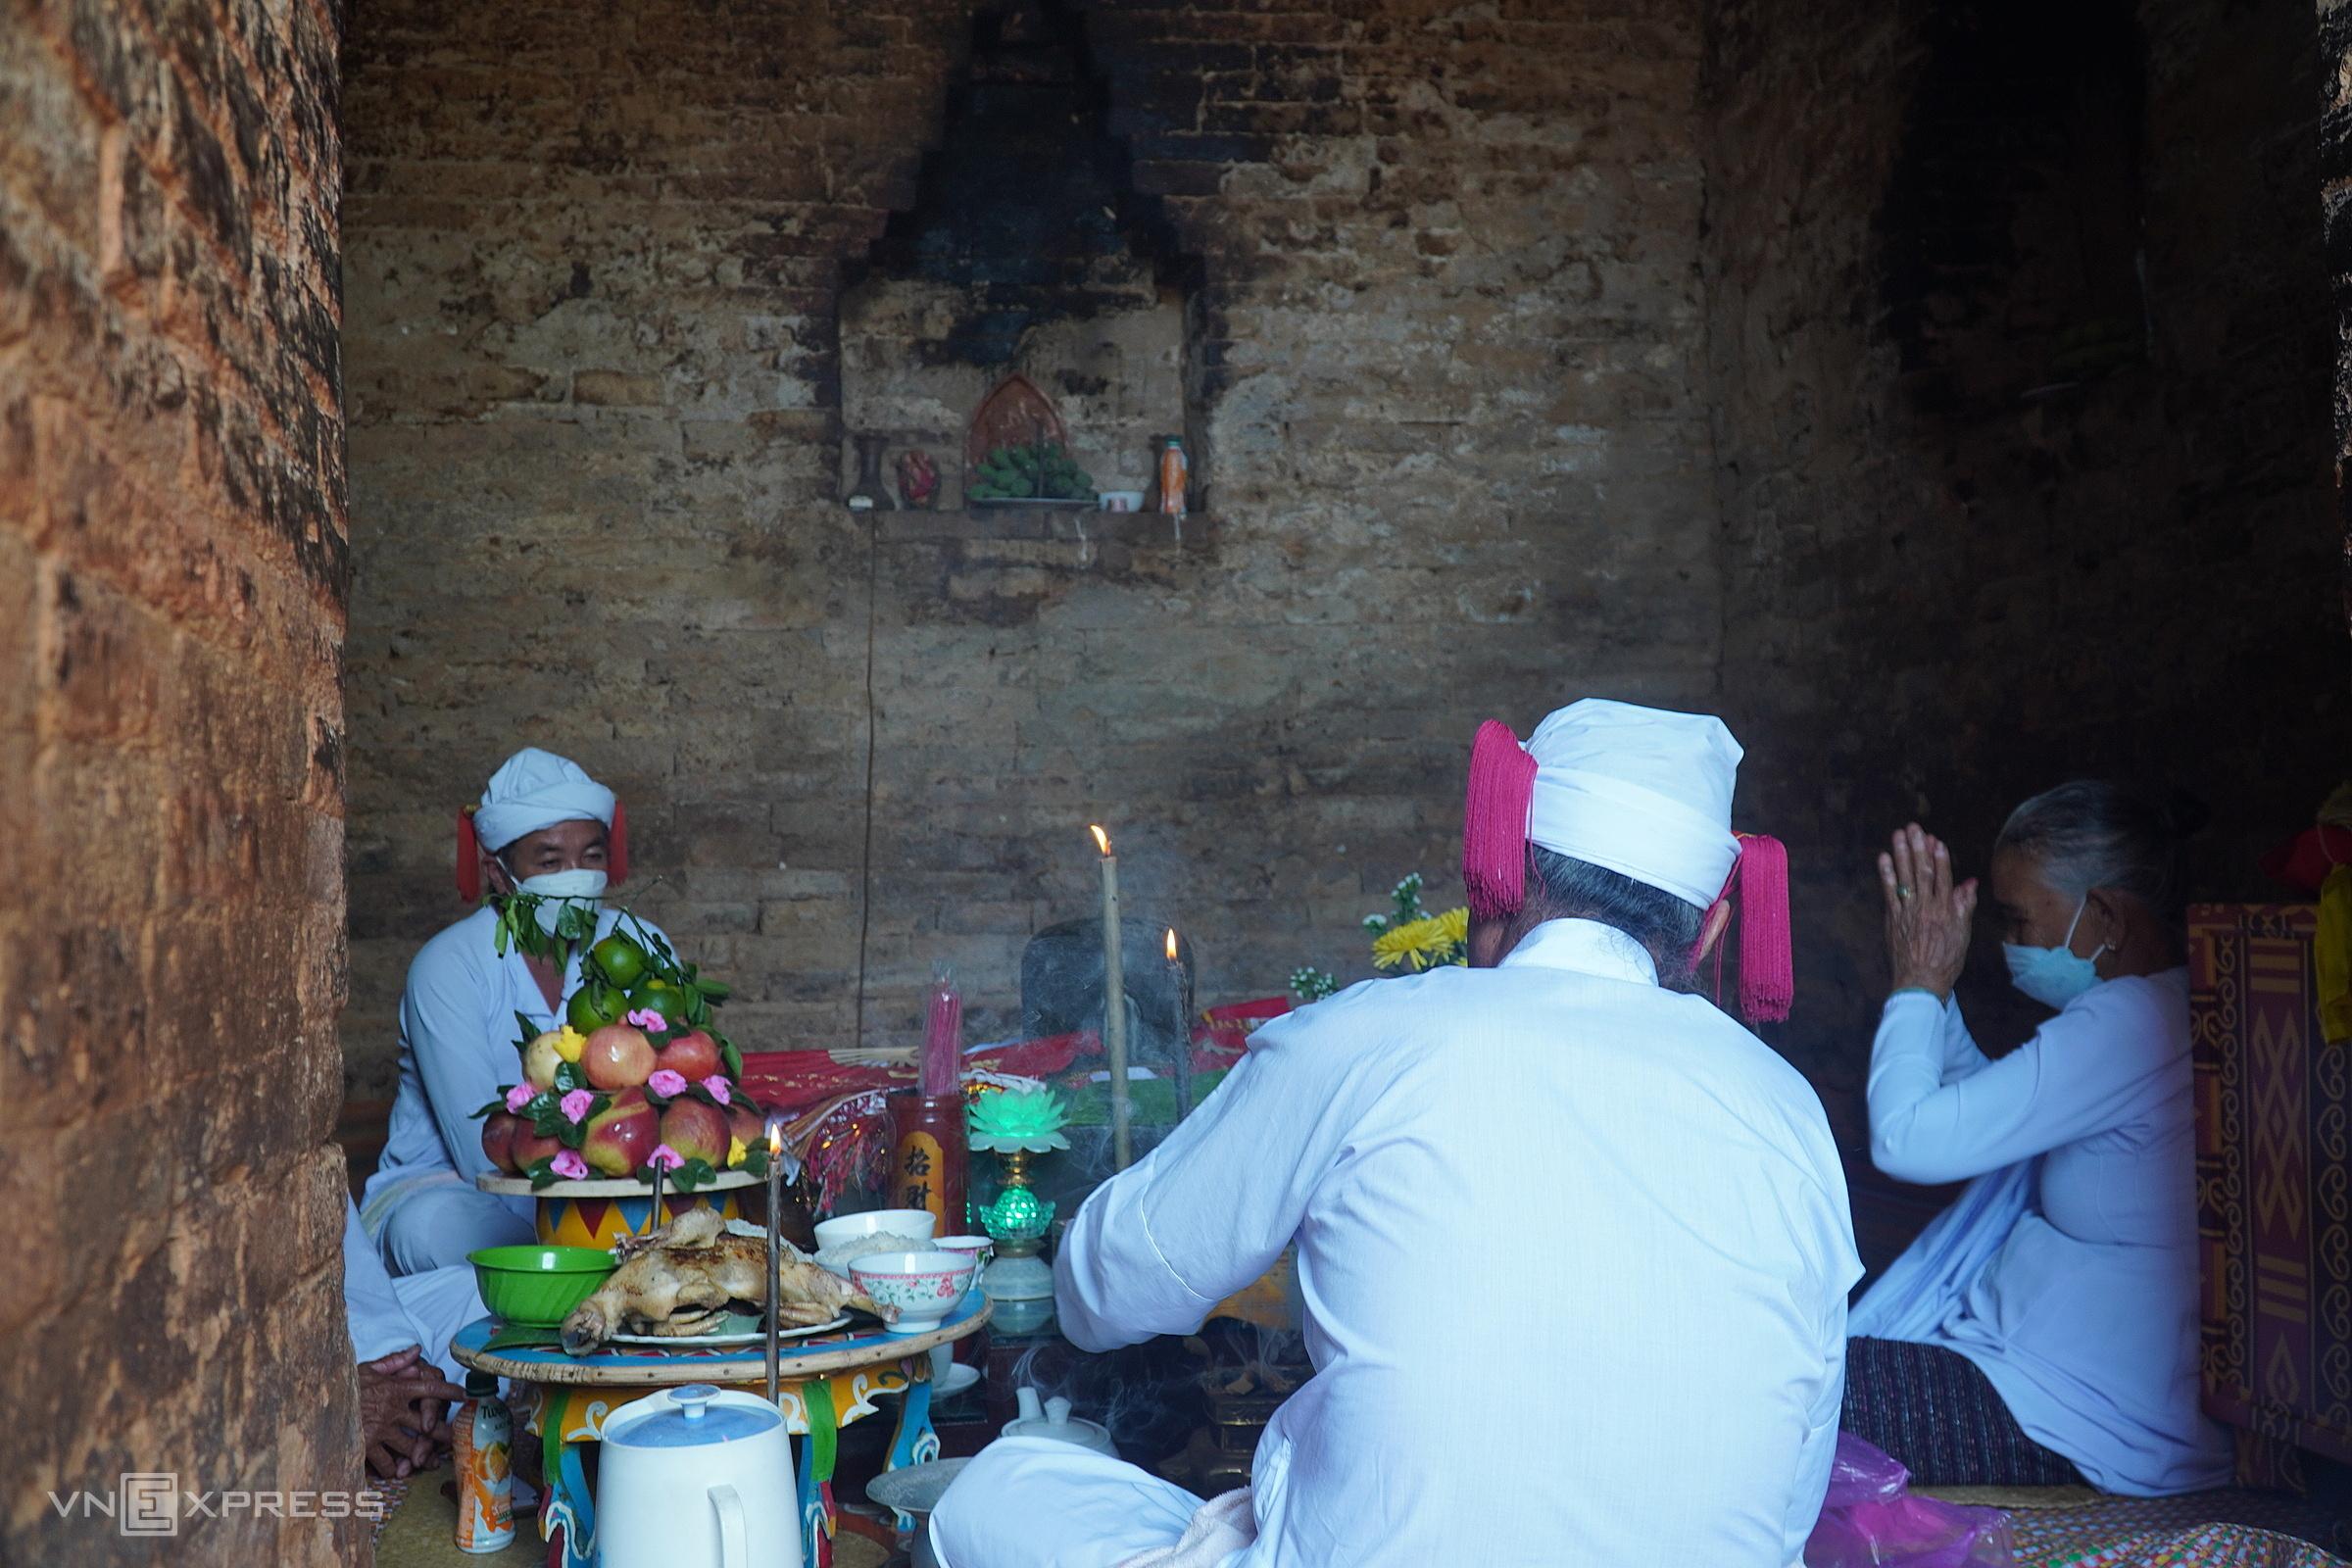 Sư cả Thông Minh Toàn (bên trái) đang hành lễ cùng thầy tế và bà Bóng trong tháp Pô Sha Inư. Ảnh: Việt Quốc